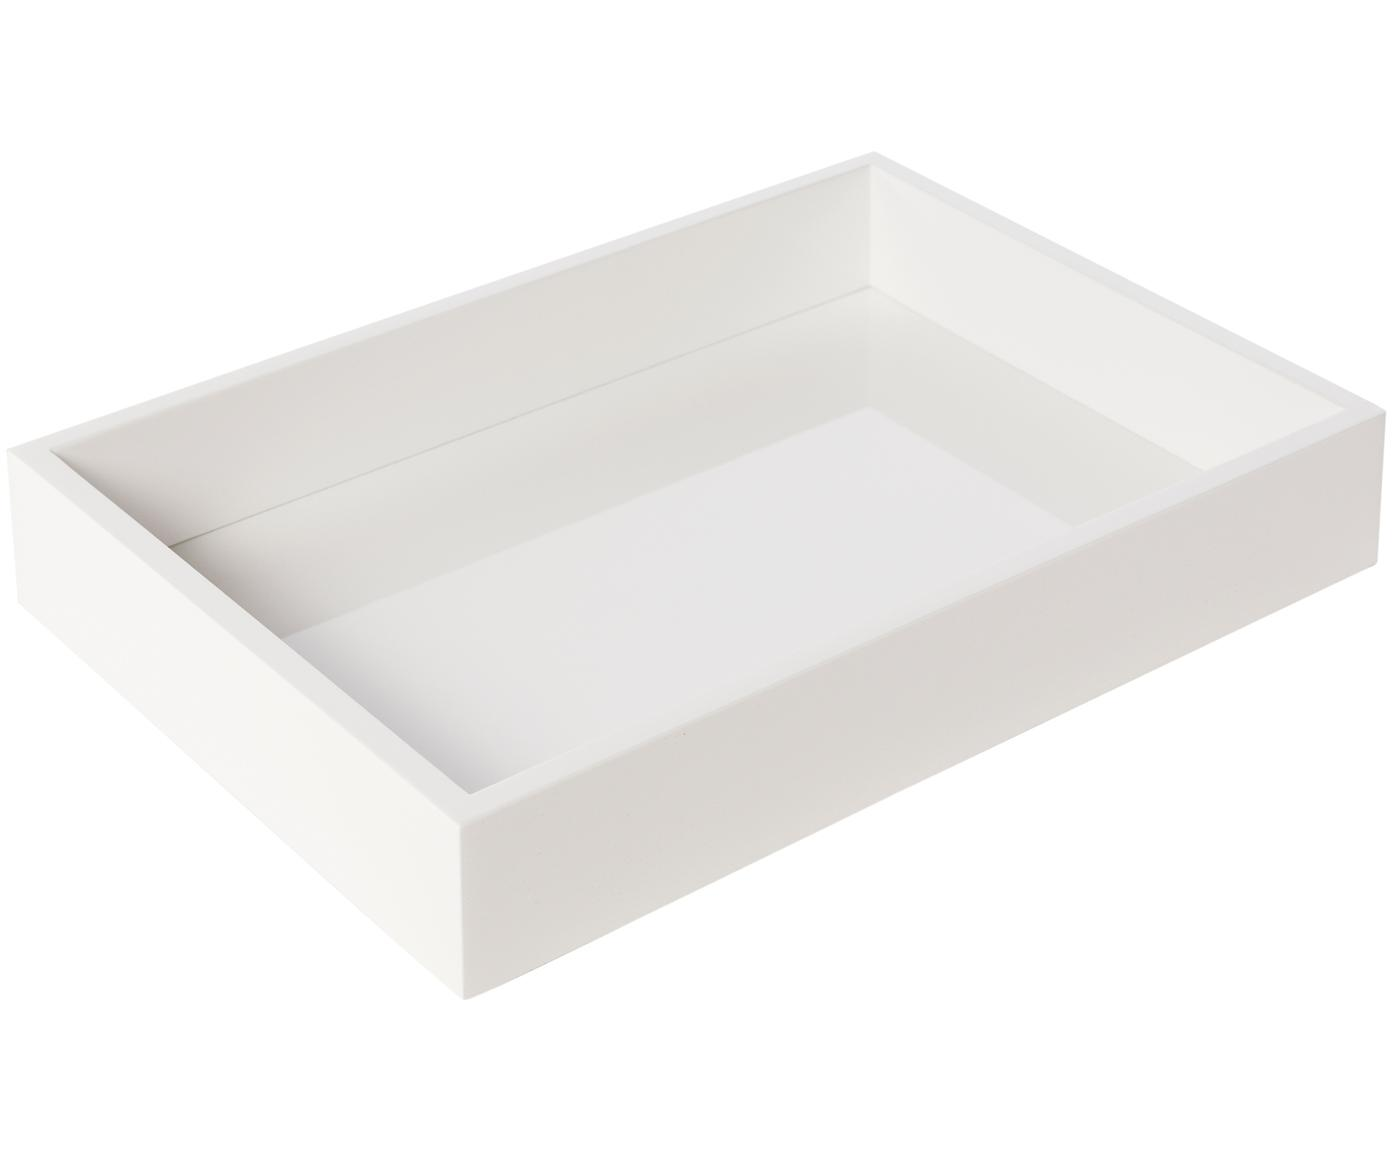 Vassoio in bianco lucidoTracy, Vassoio: pannello di fibra a media, Bianco, Larg. 33 x Prof. 24 cm